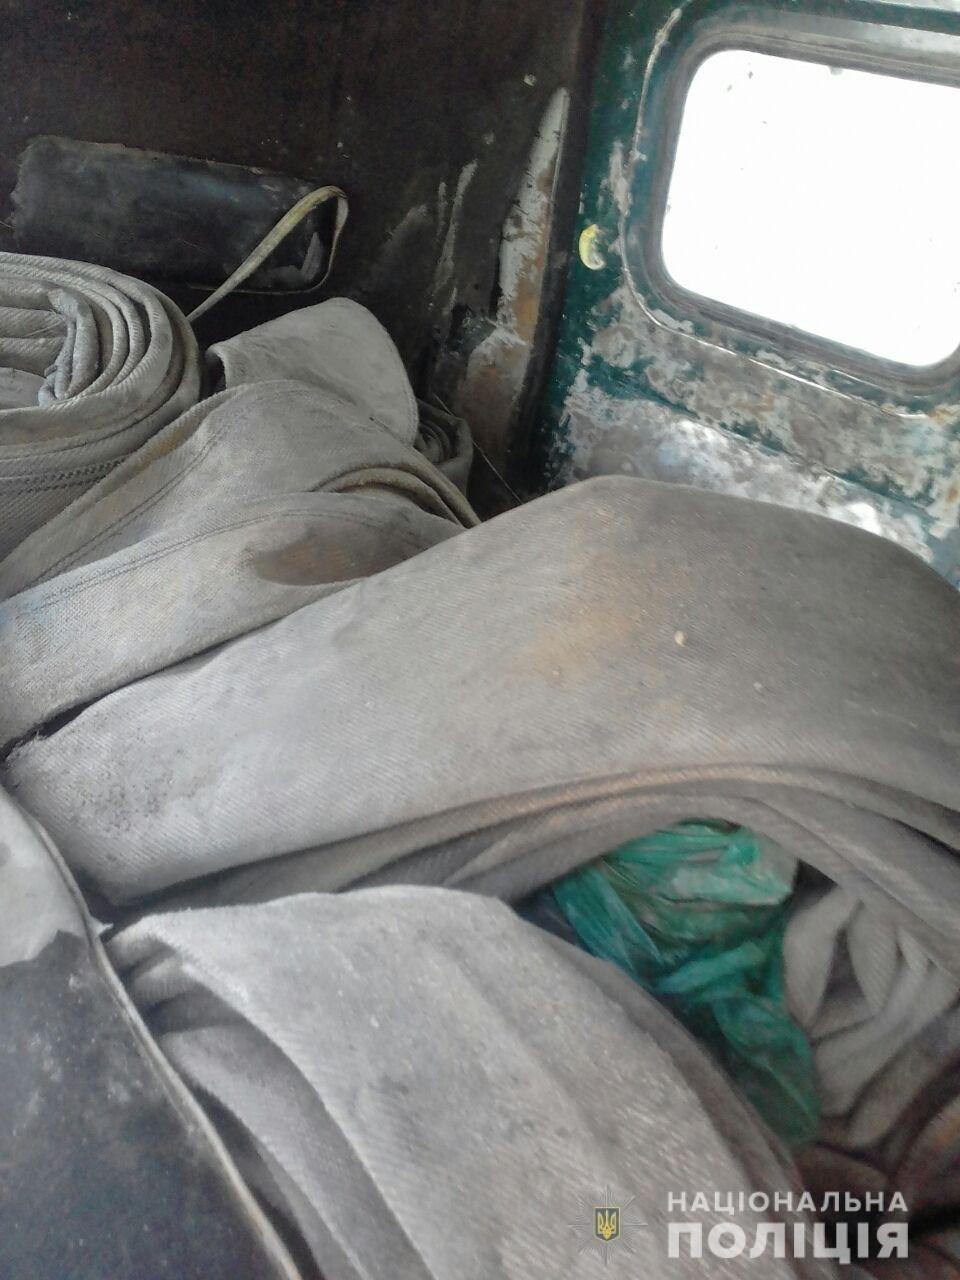 Рівненські бурштинокопачі чинять супротив правоохоронцям , фото-2